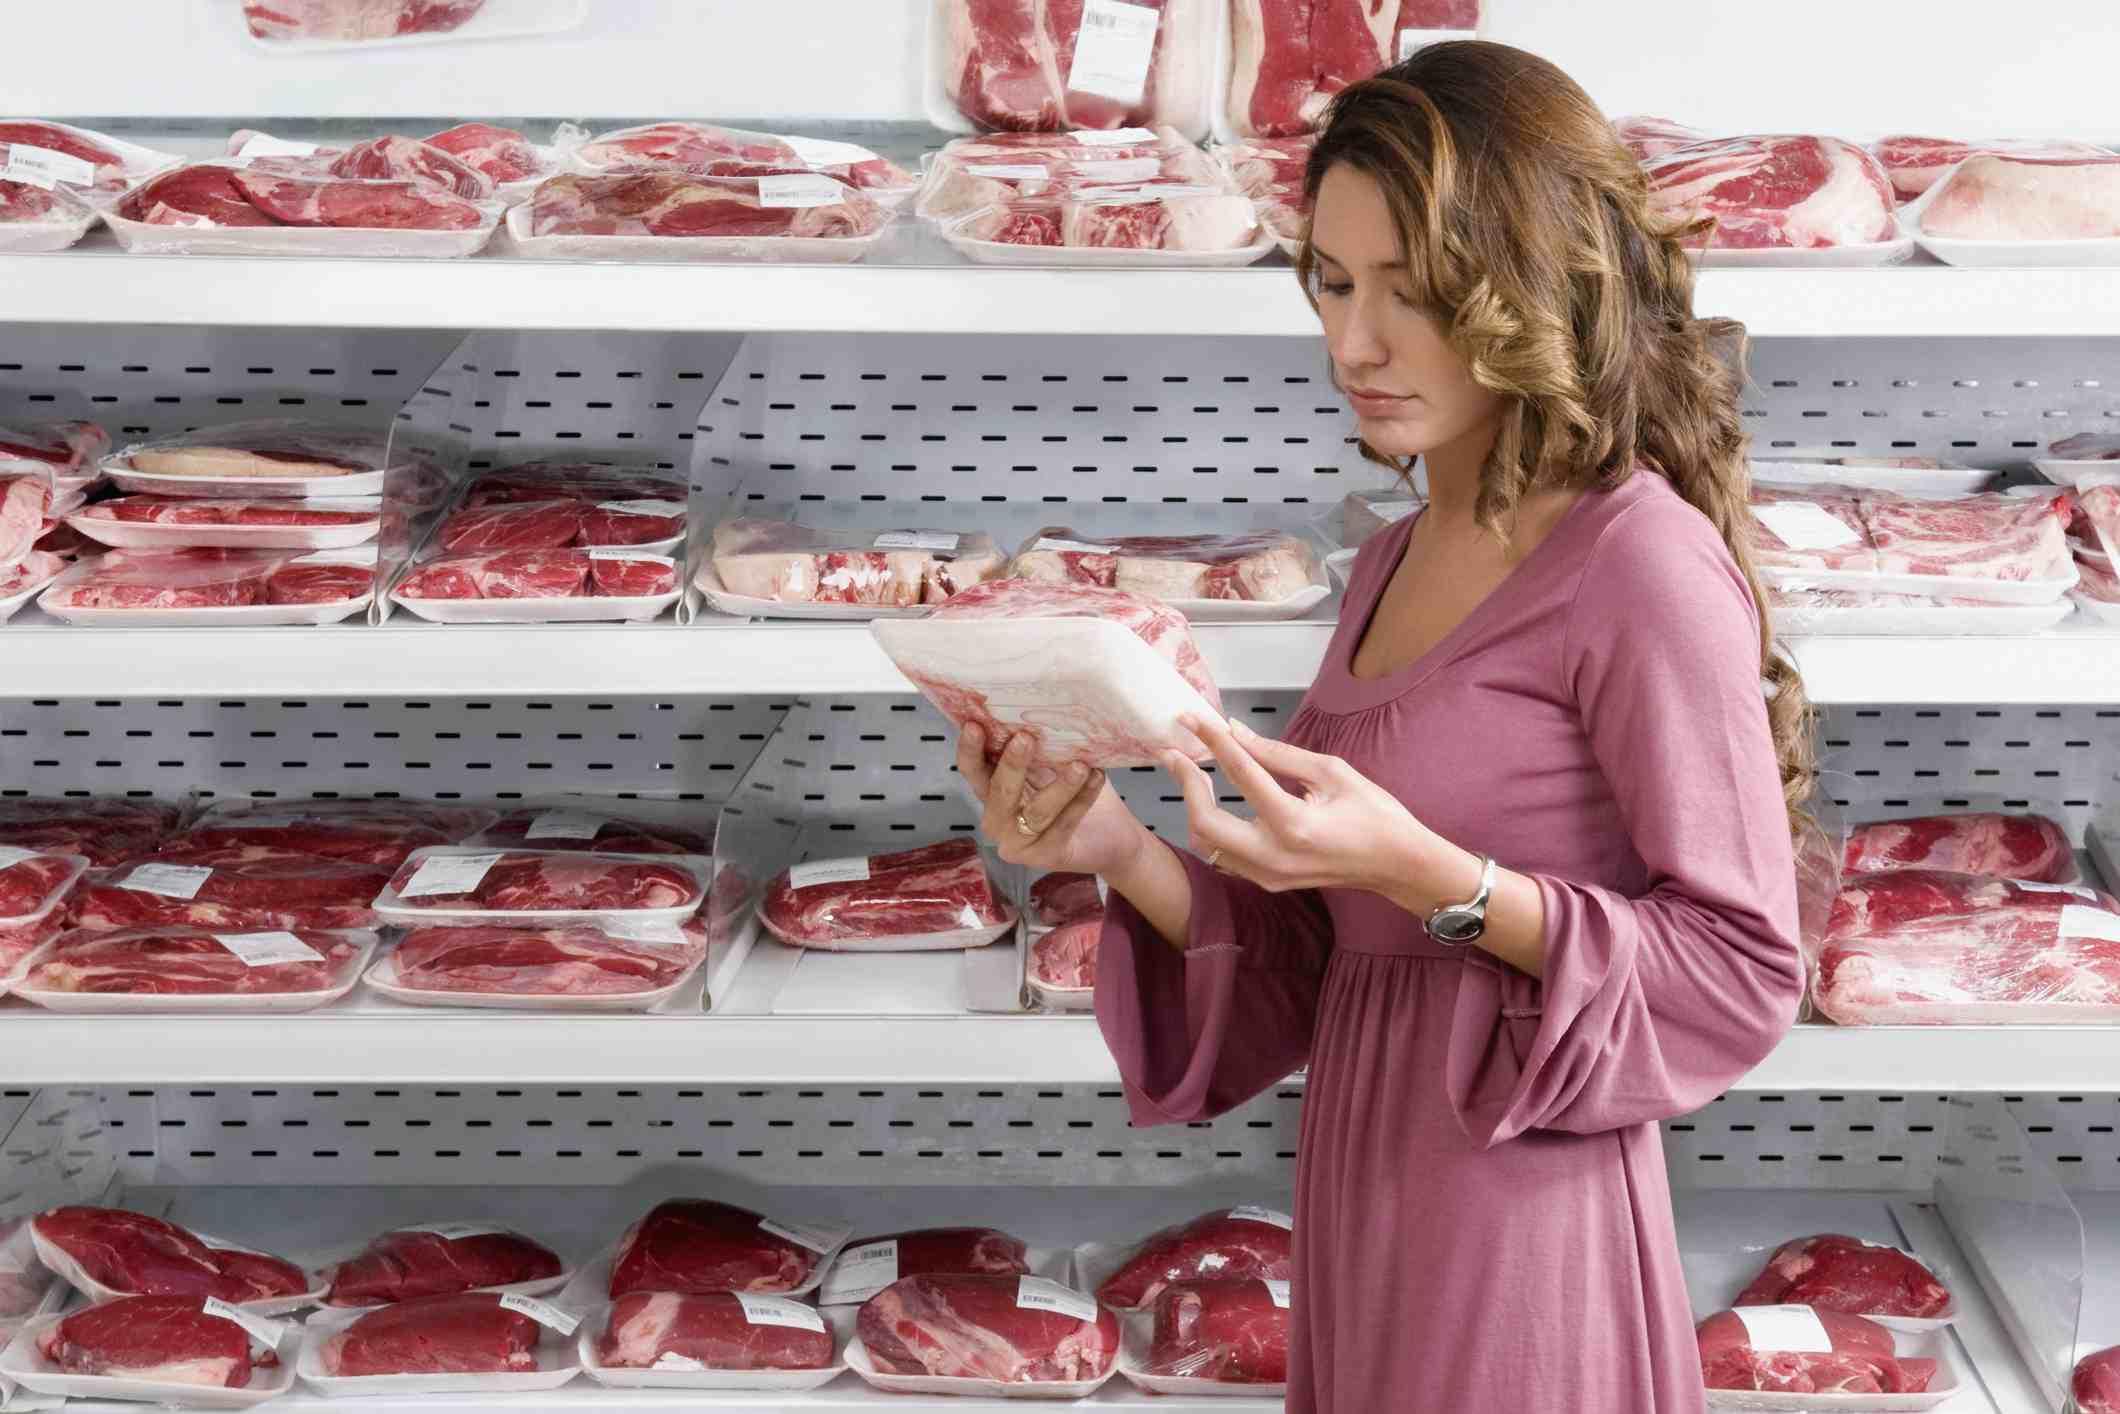 Woman Choosing Packaged Meat